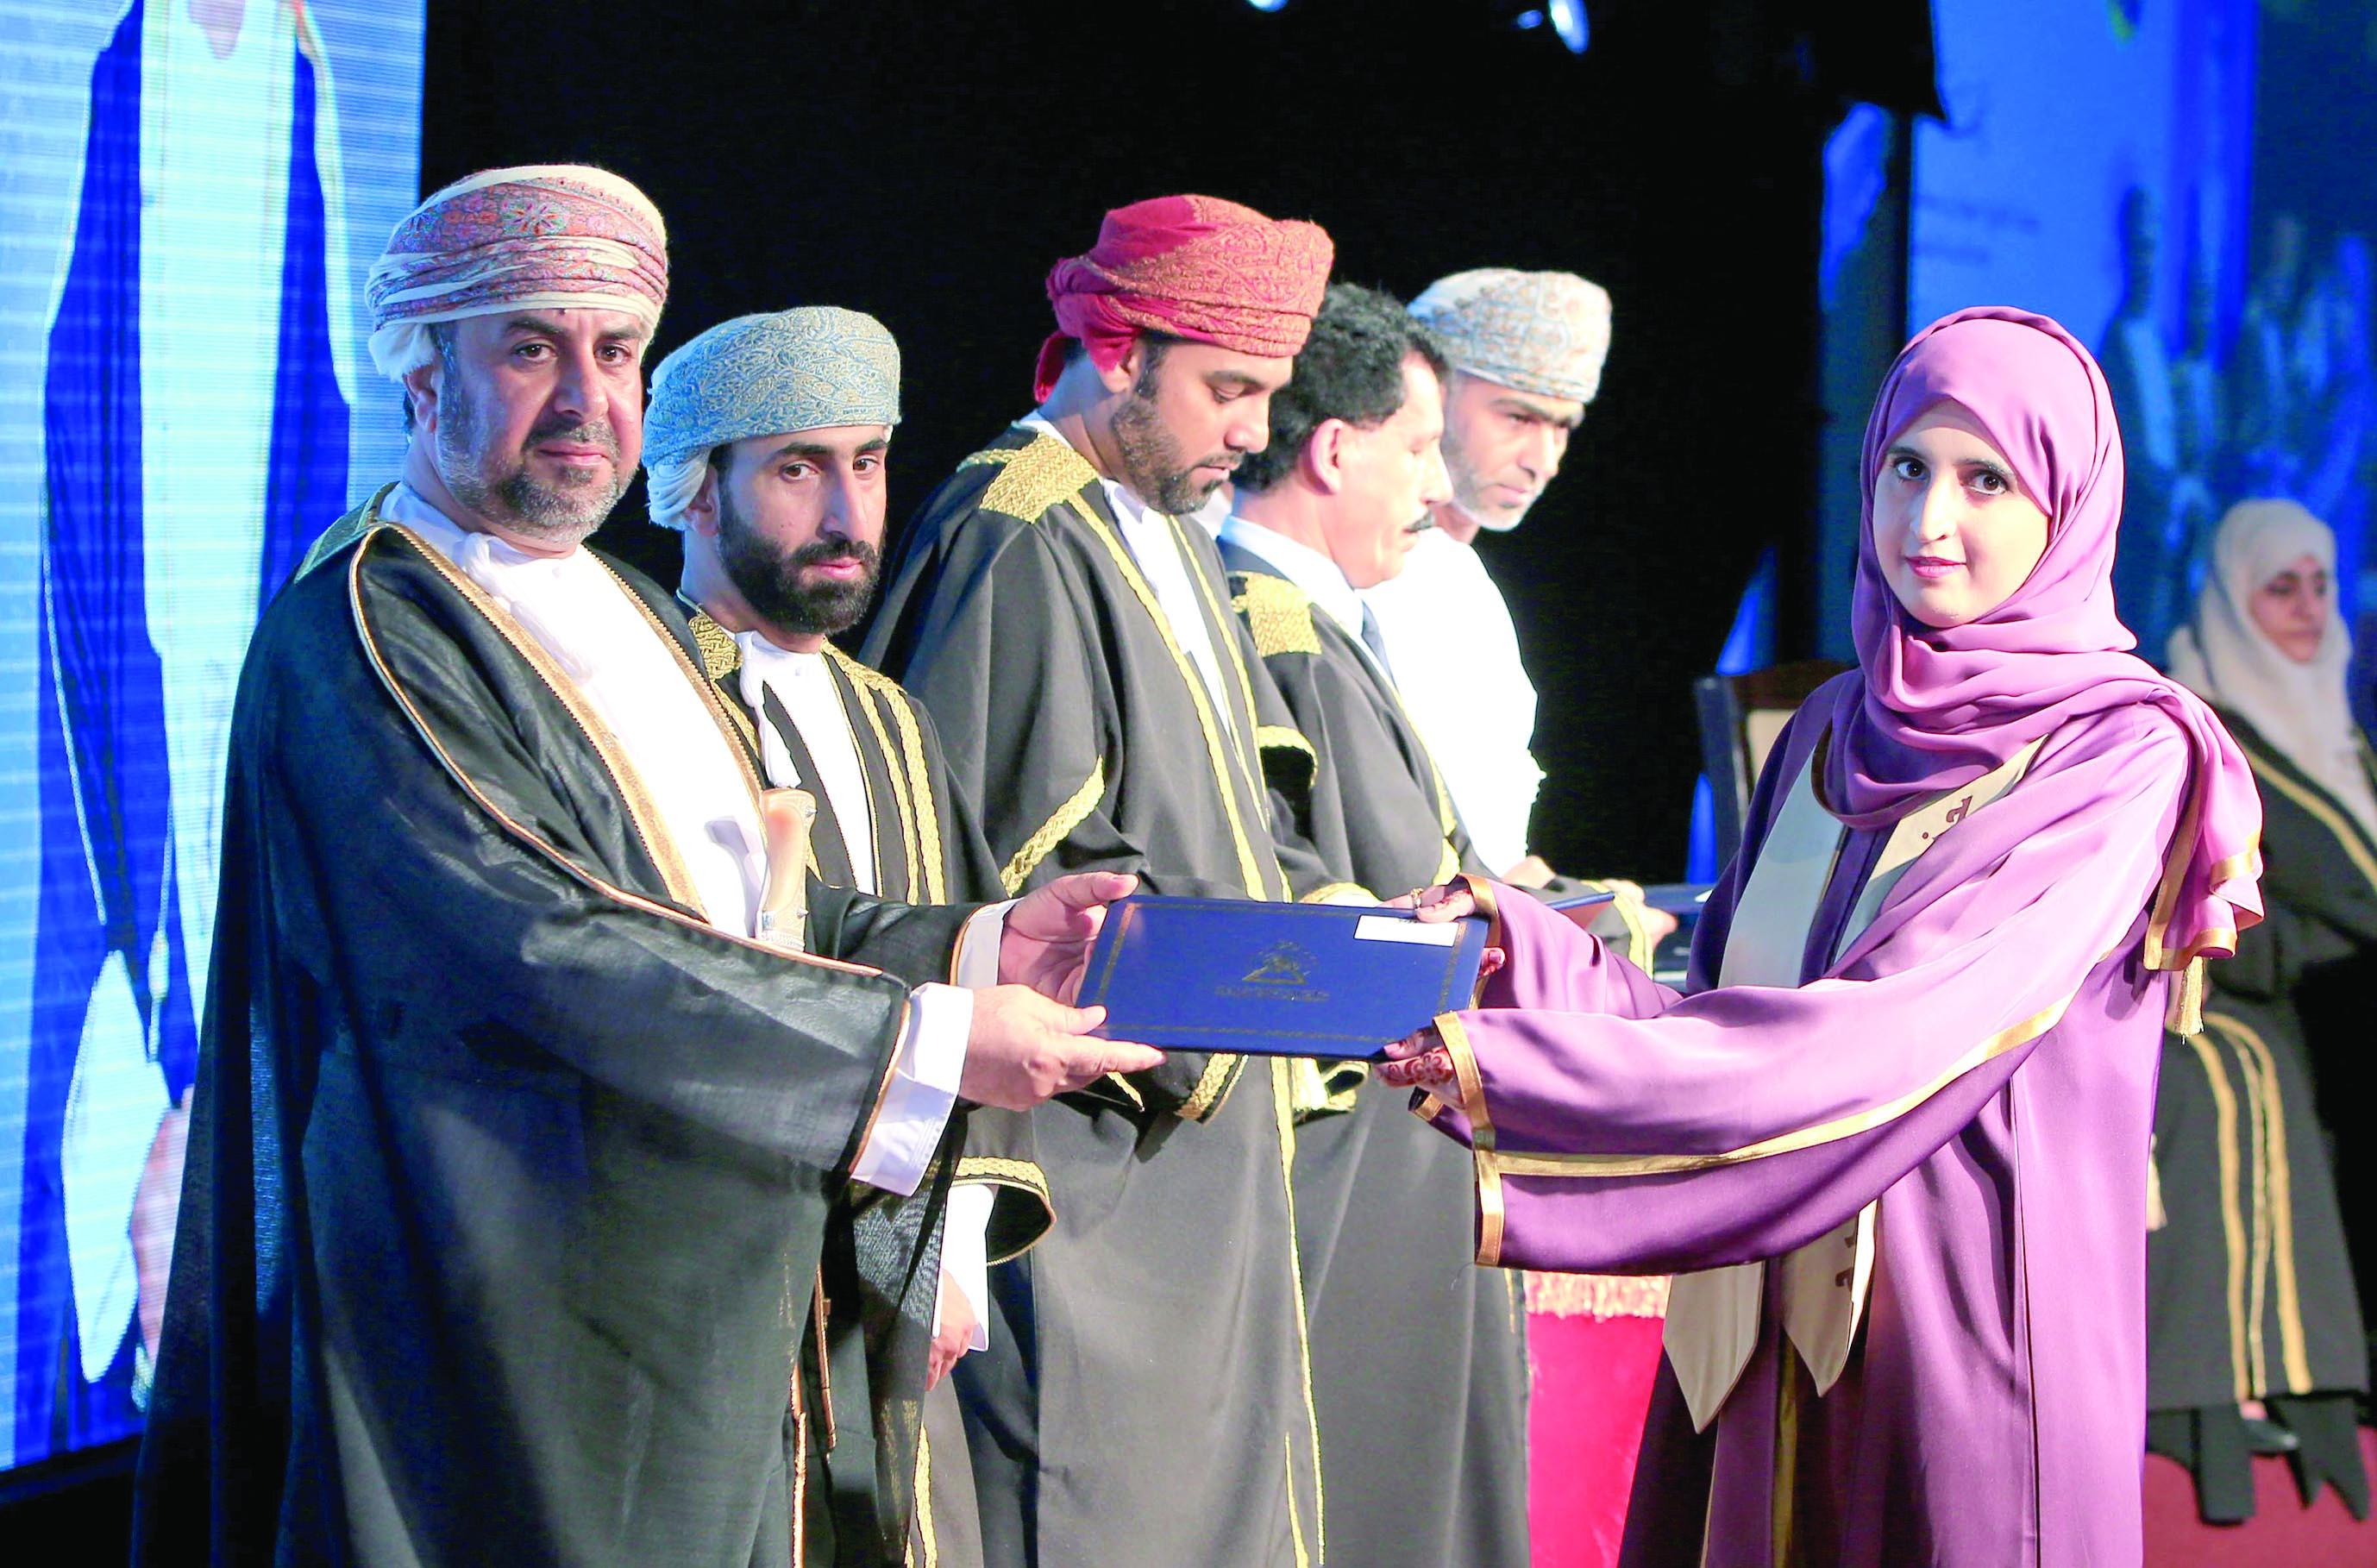 الكلية التقنية بشناص تحتفل بتخريج 580 طالباً وطالبة